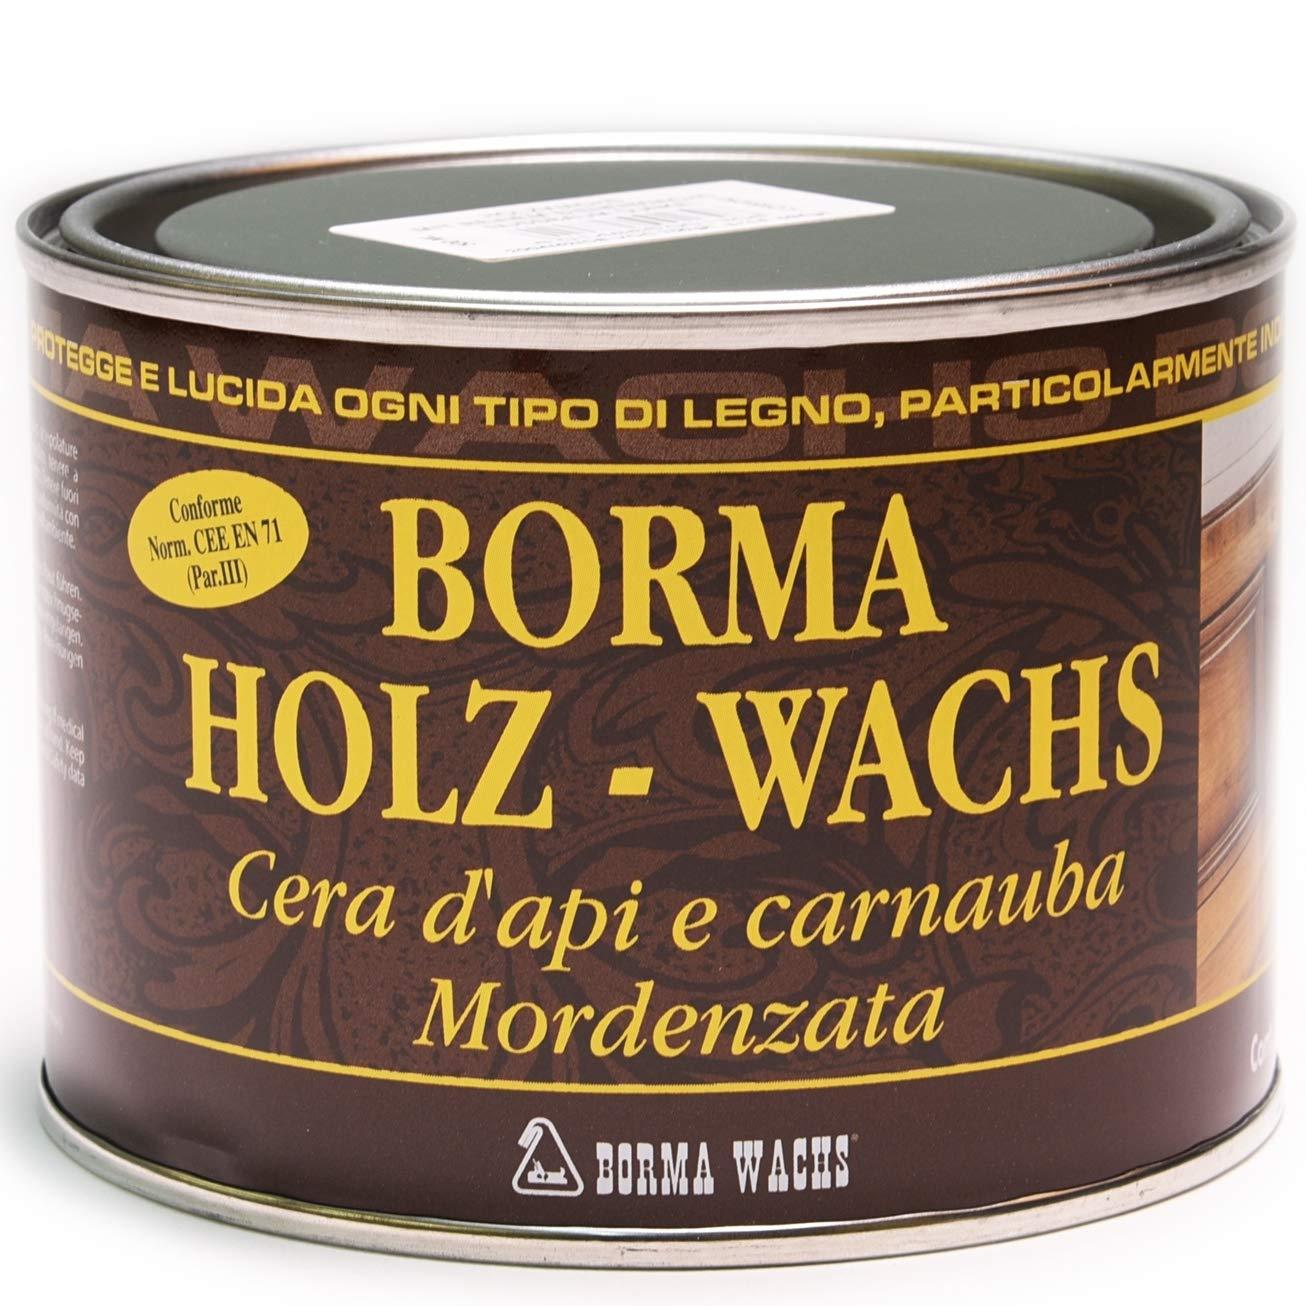 BORMA WACHS 500ml Holzwachs EN-71/3 Zertifiziert (51 - Eiche hell)